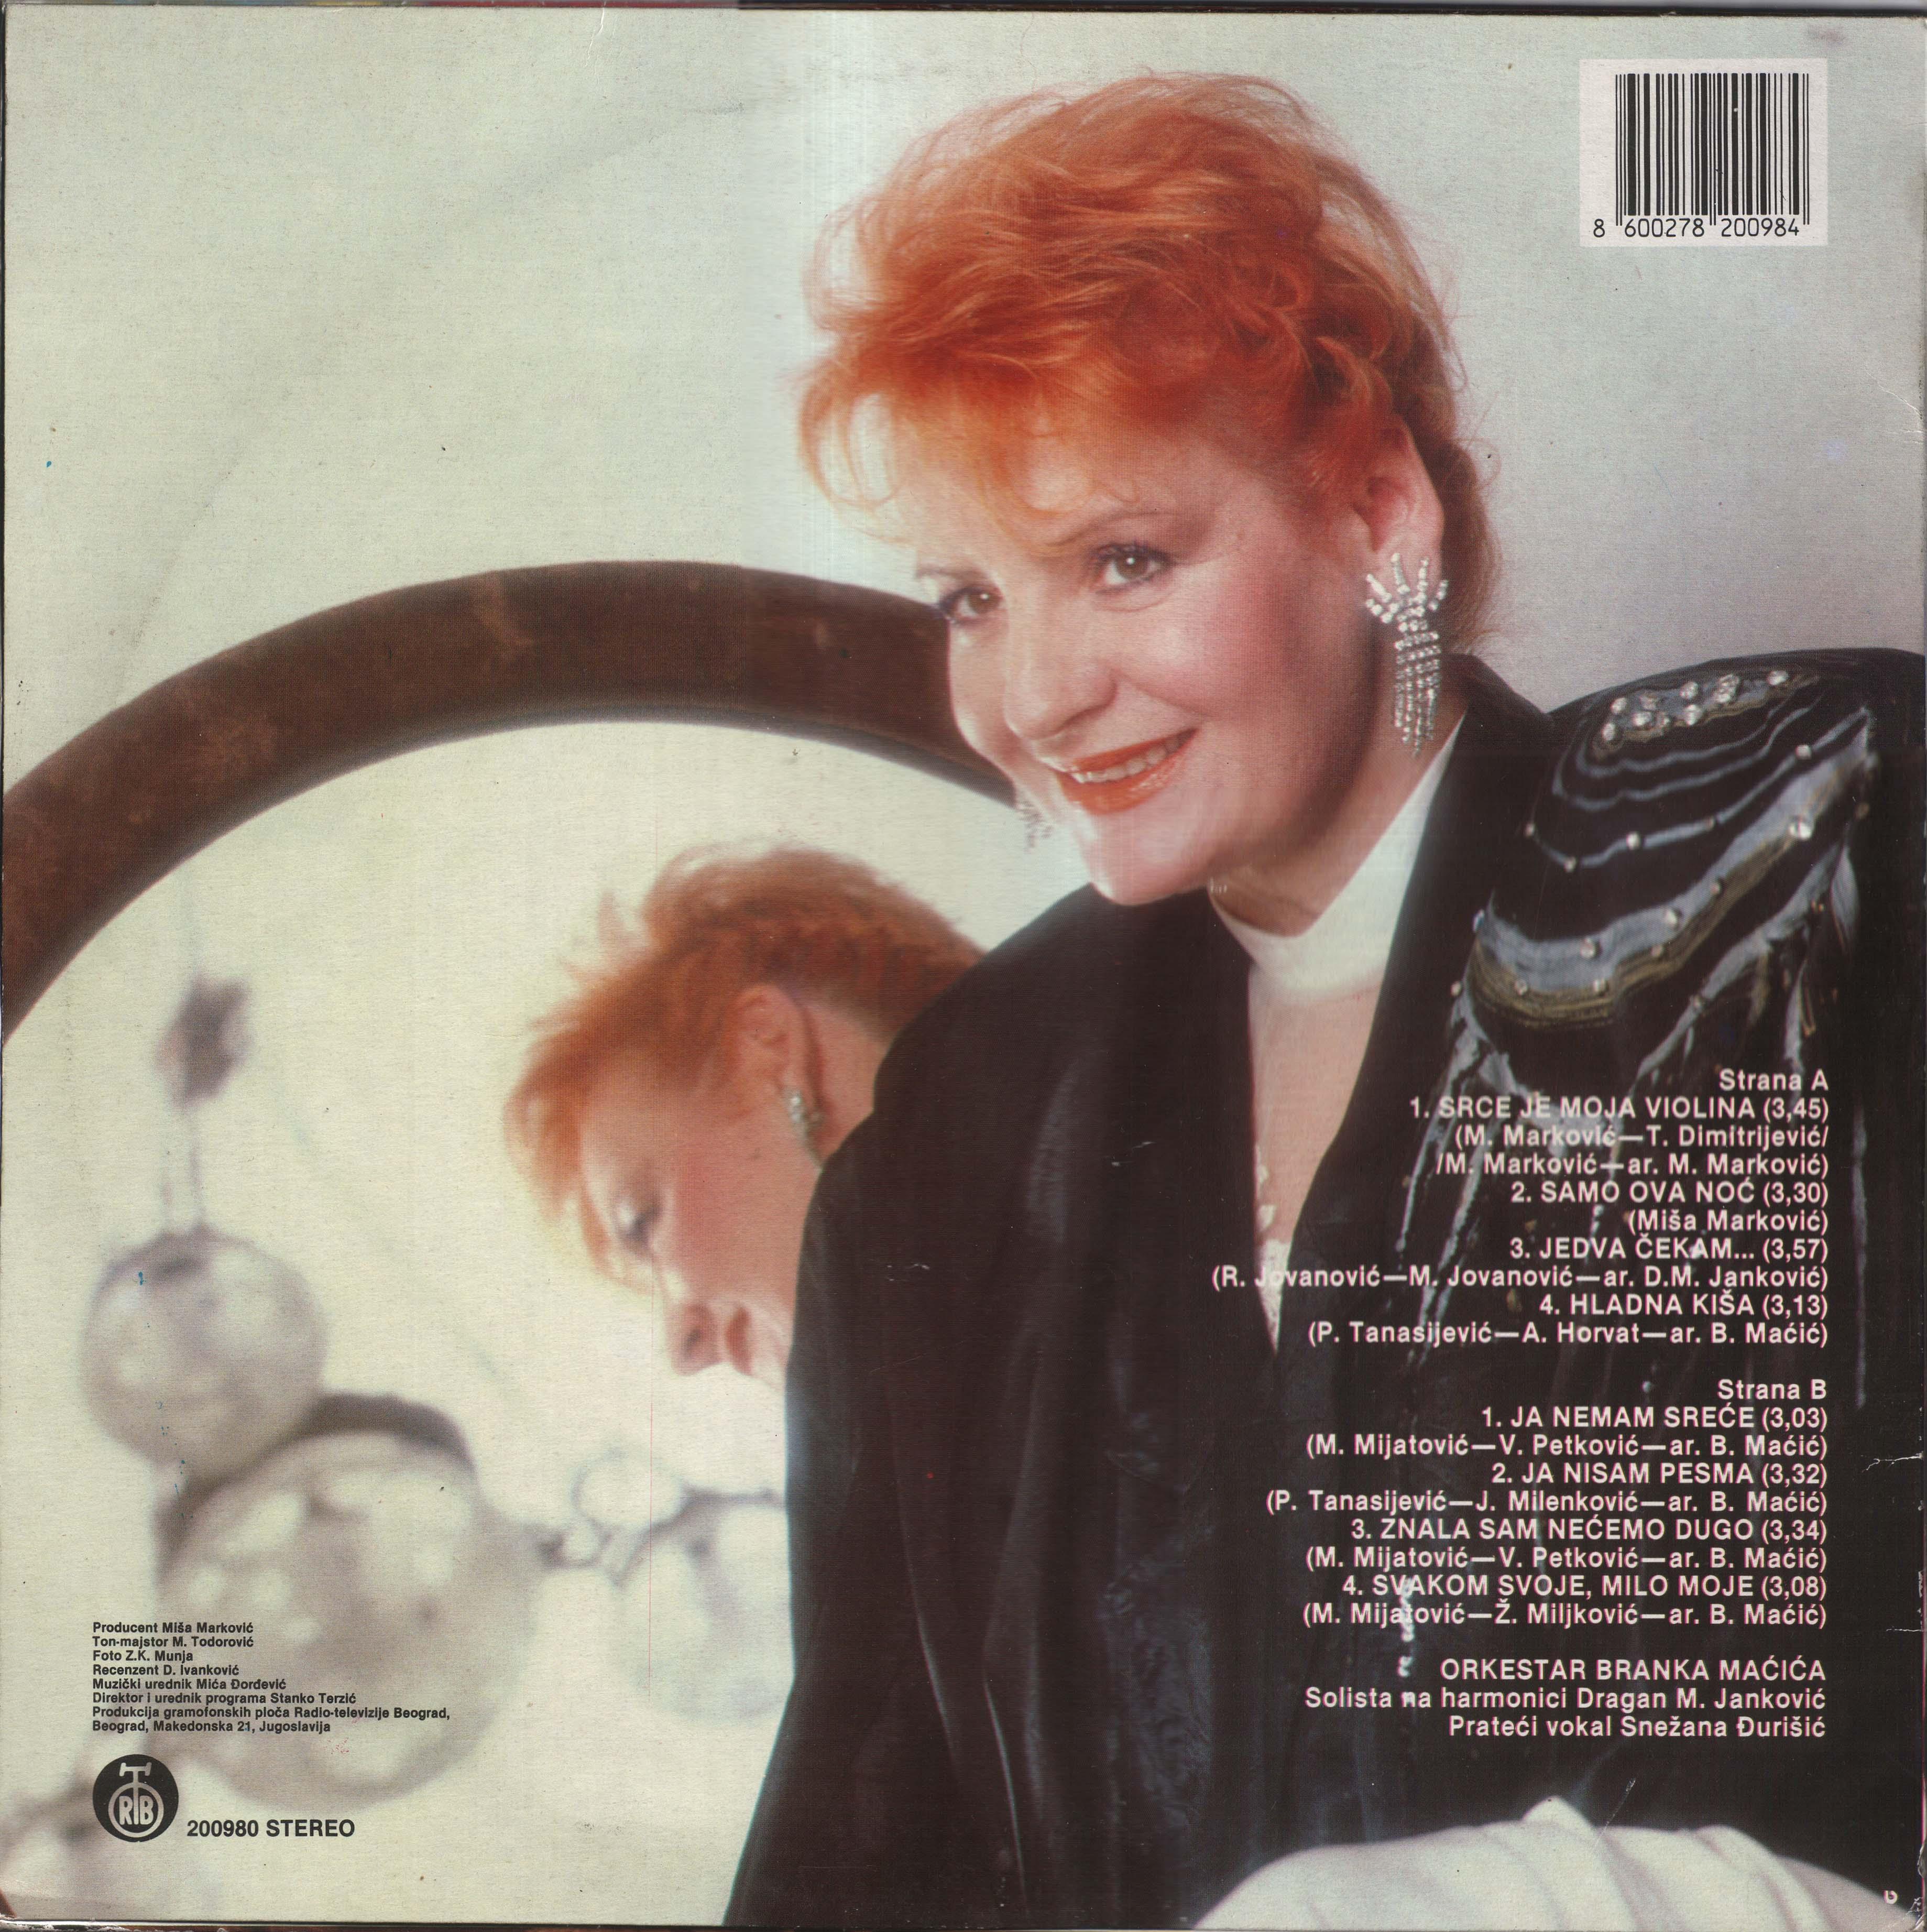 Lepa Lukic 1989 Z